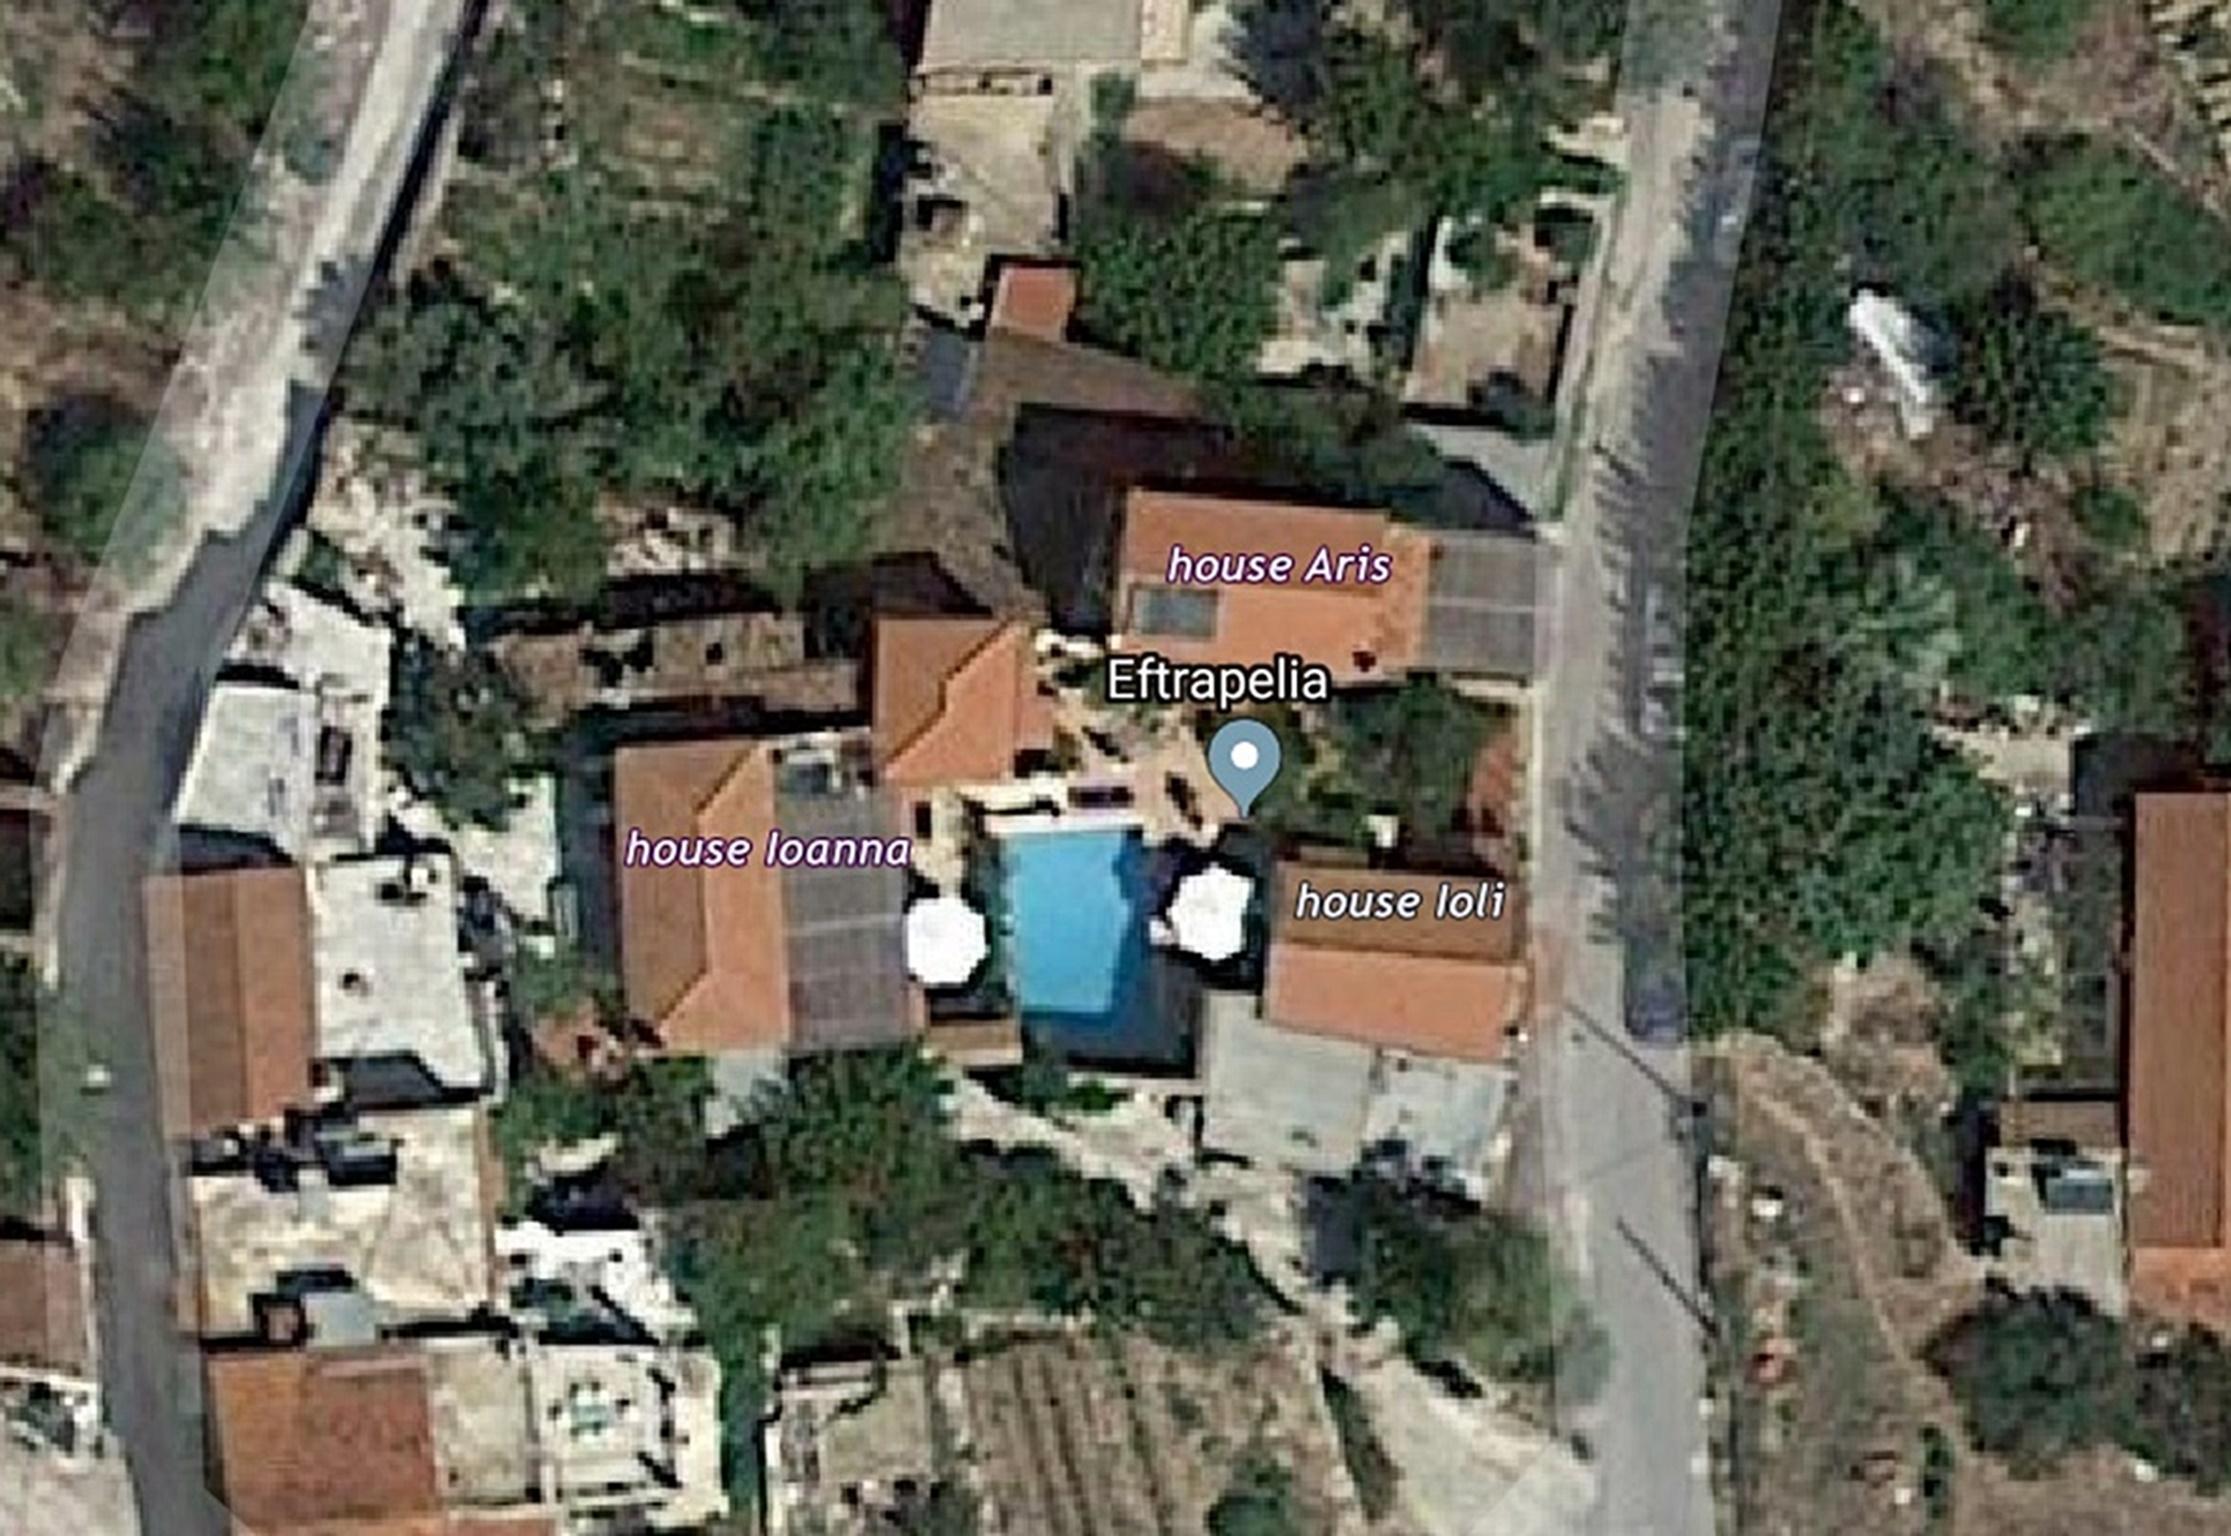 Ferienhaus Haus und Studio annektiert - Ideal groe Familien - kleines Dorf, nahe Strnde (2598996), Neon Khorion Kriti, Kreta Nordküste, Kreta, Griechenland, Bild 2